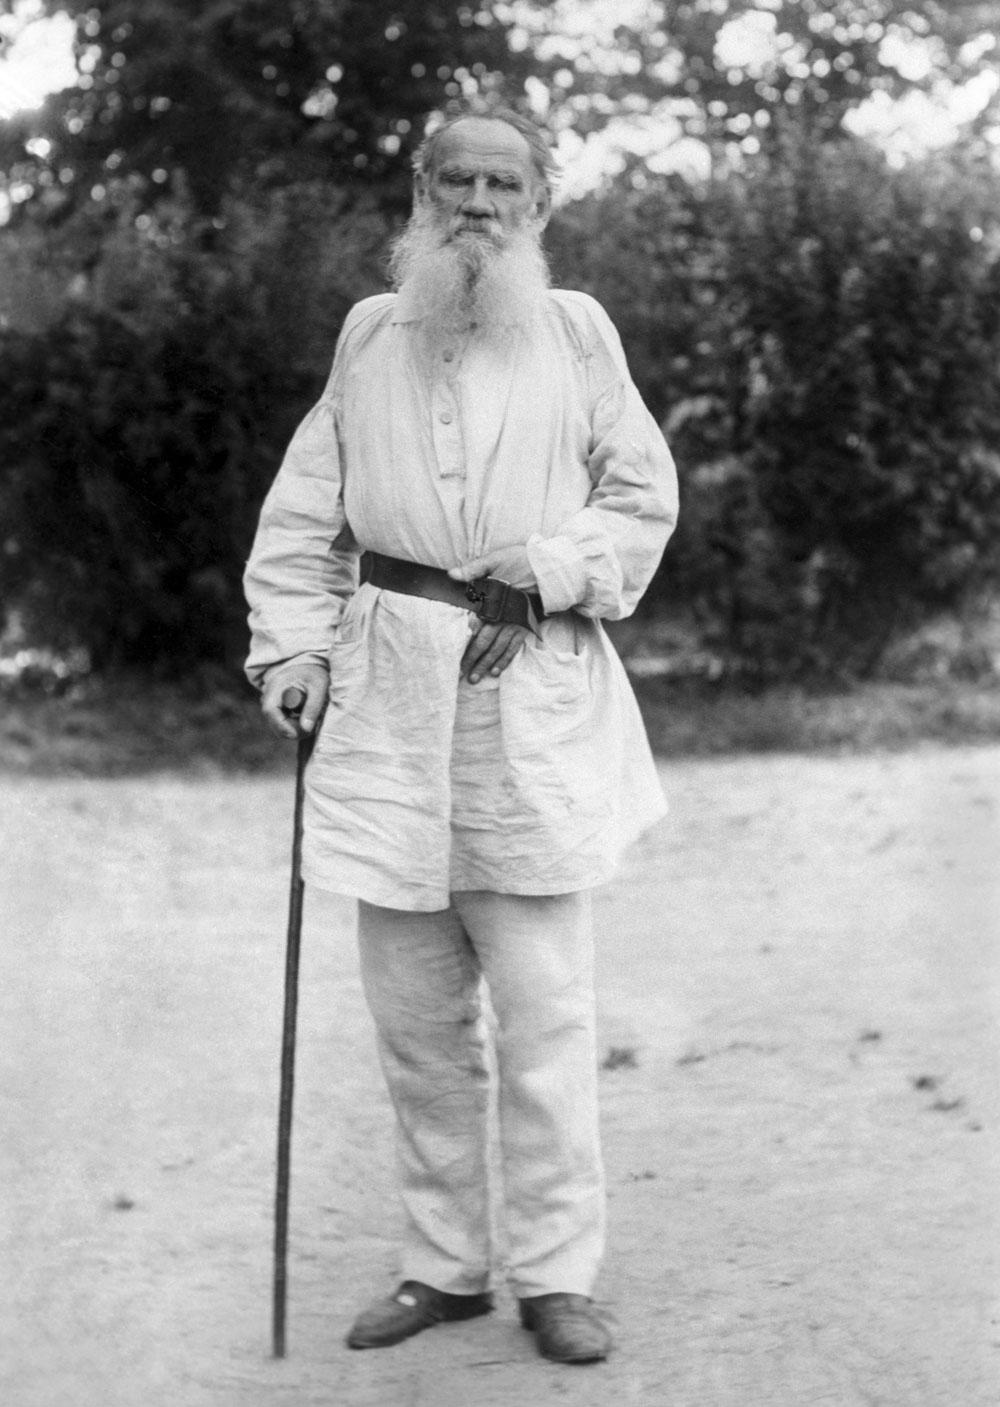 La foto di Lev Tolstoj. Fonte: TASS